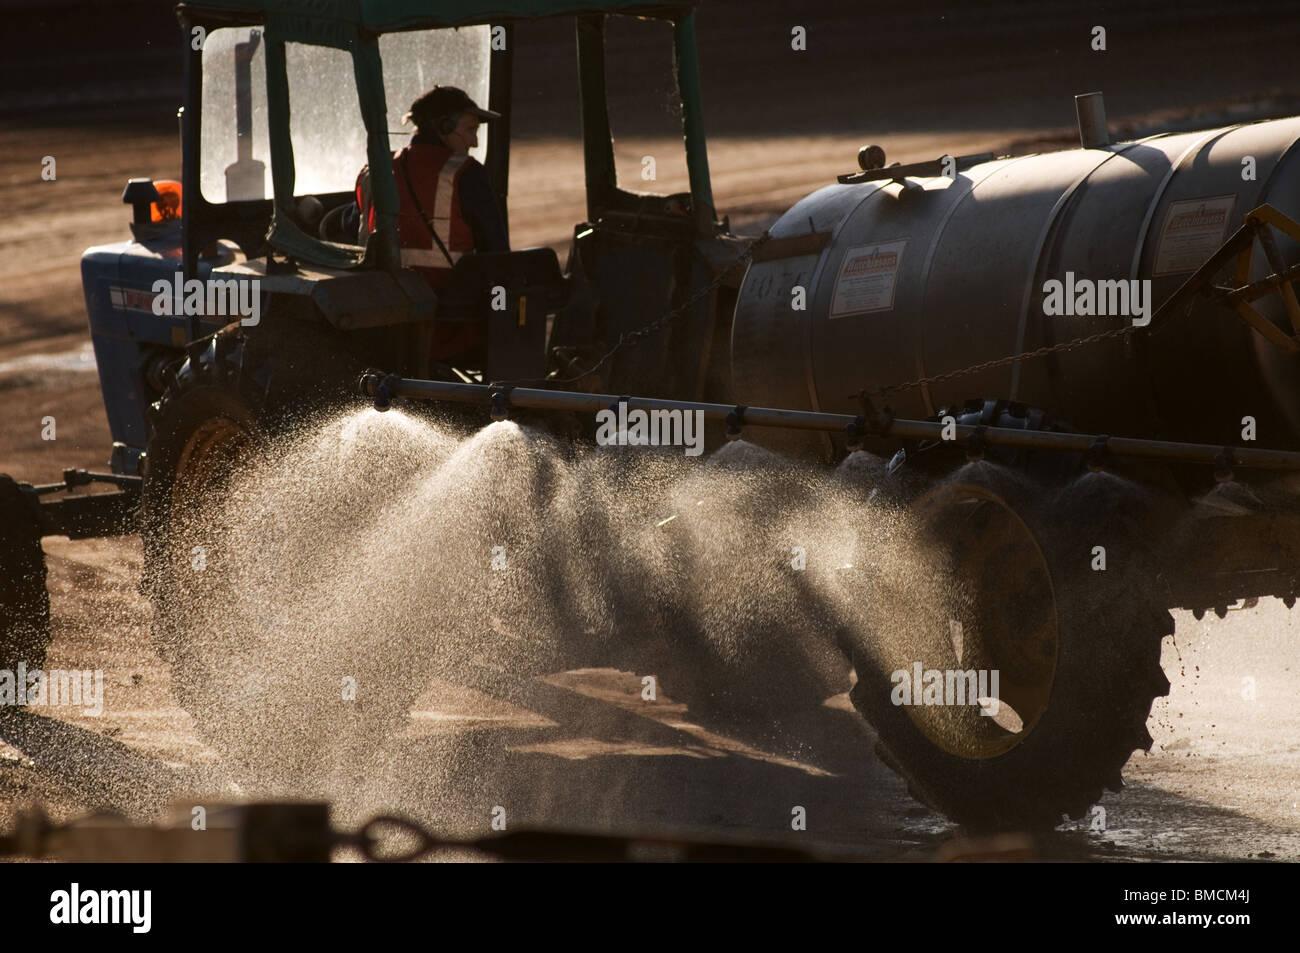 crop spraying sprayer spray pesticide pesticides fertilizer fertilizers field crops being sprayed sprays tractor - Stock Image